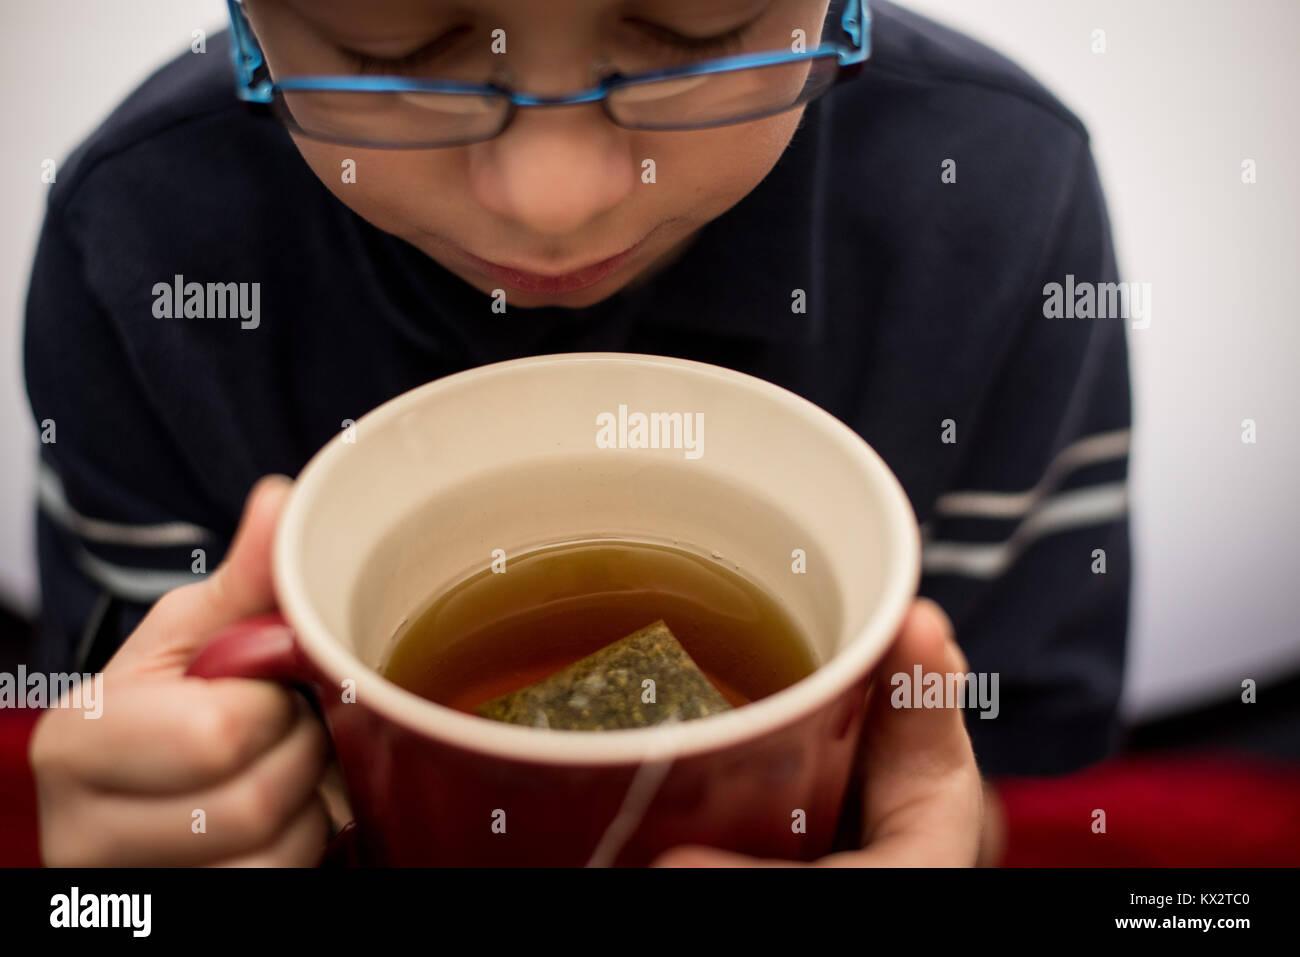 Ein Junge Getränke aus einer Tasse Tee in einem roten Schale. Stockbild